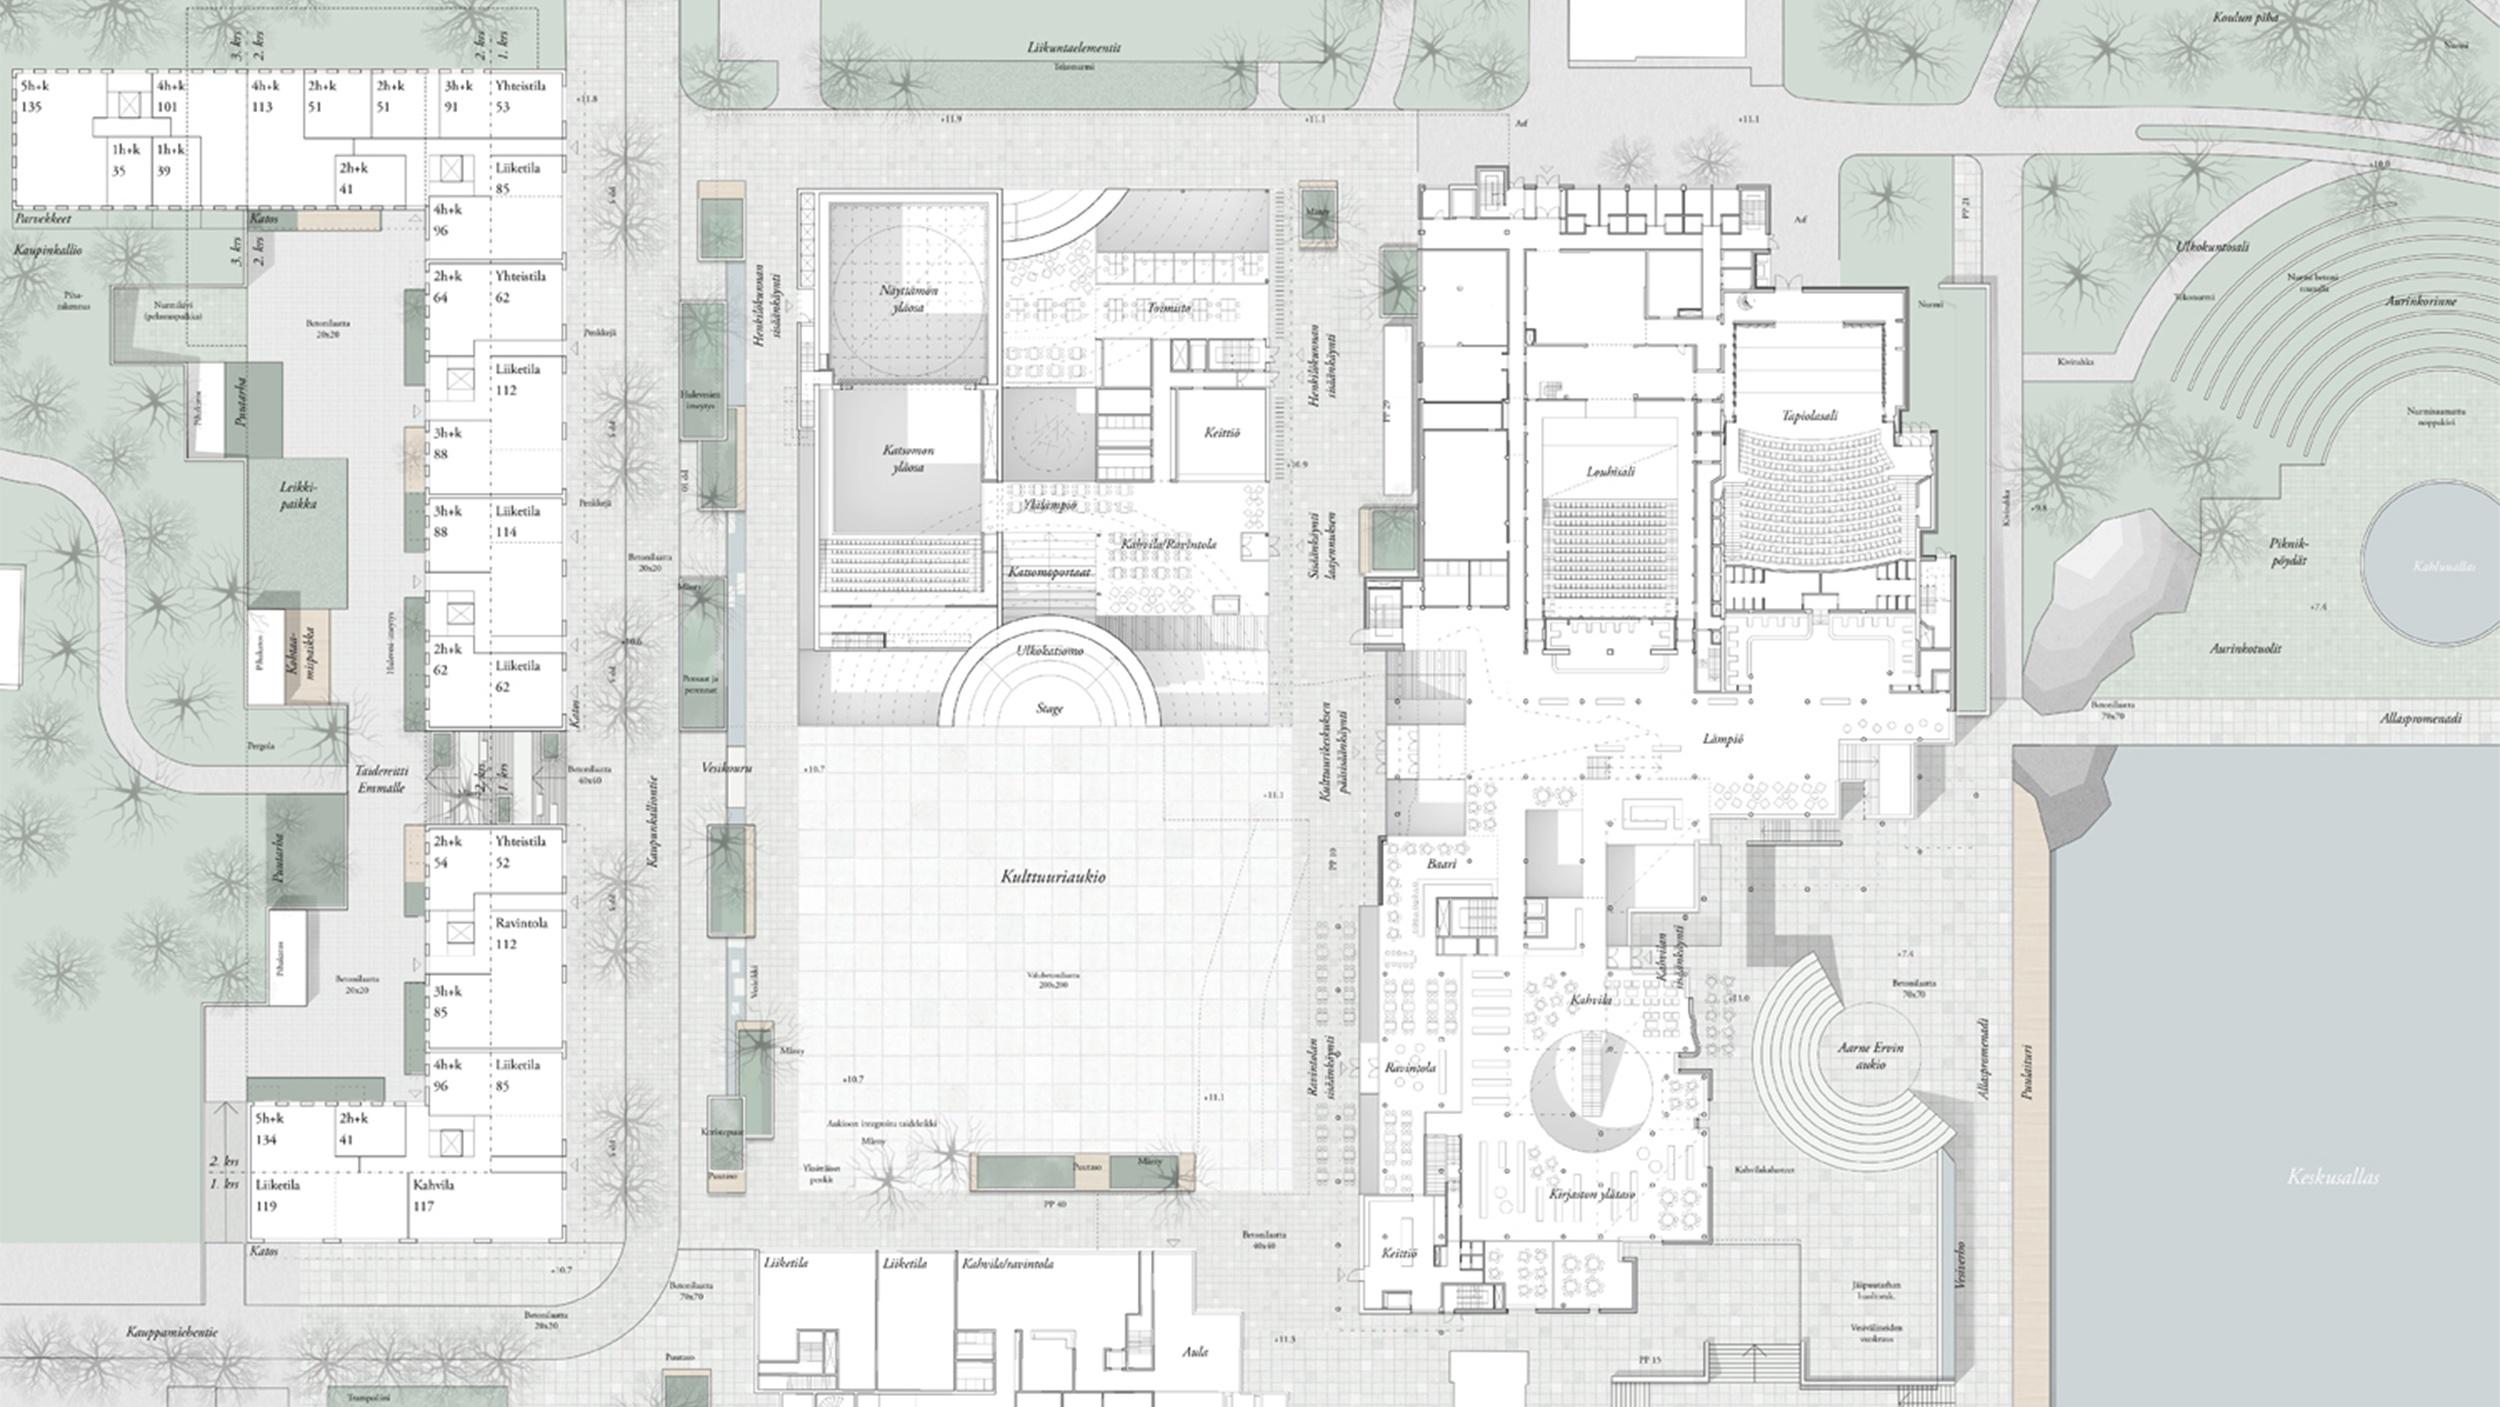 Kartta, jossa Amfi-kilpailuehdotuksen arkkitehtuurisuunnittelu näkyy.